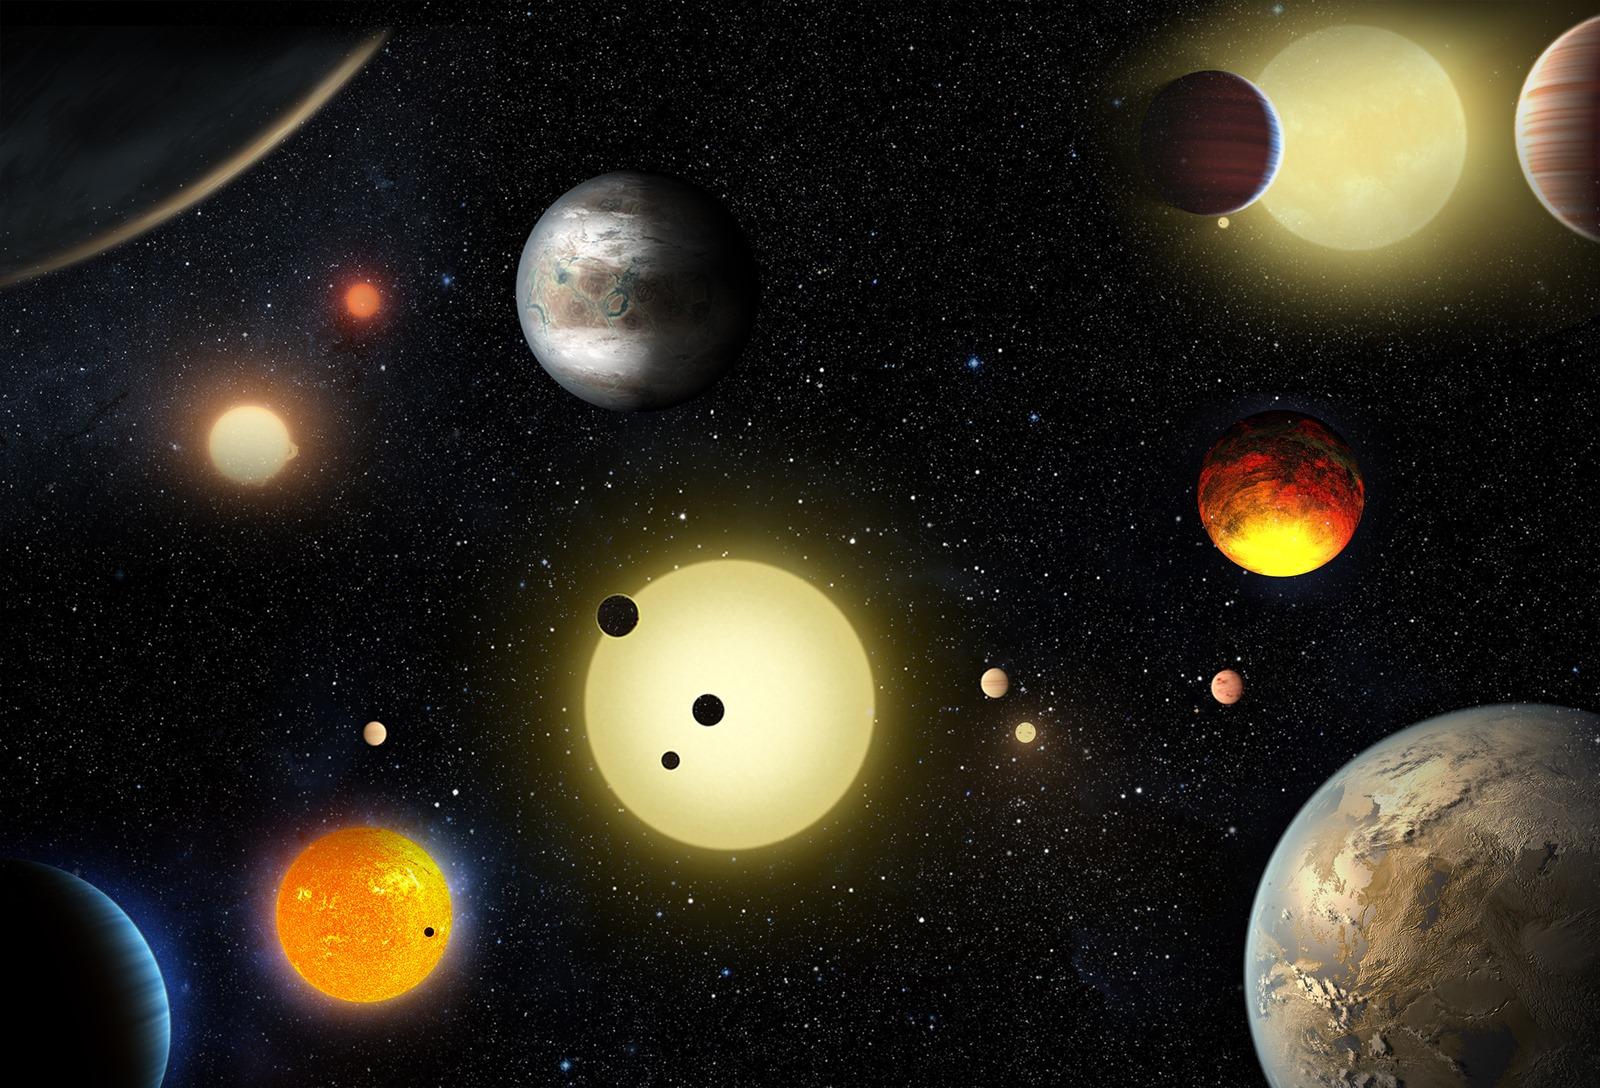 Découverte de 1 200 nouvelles planètes, dont 9 au demeurant habitables